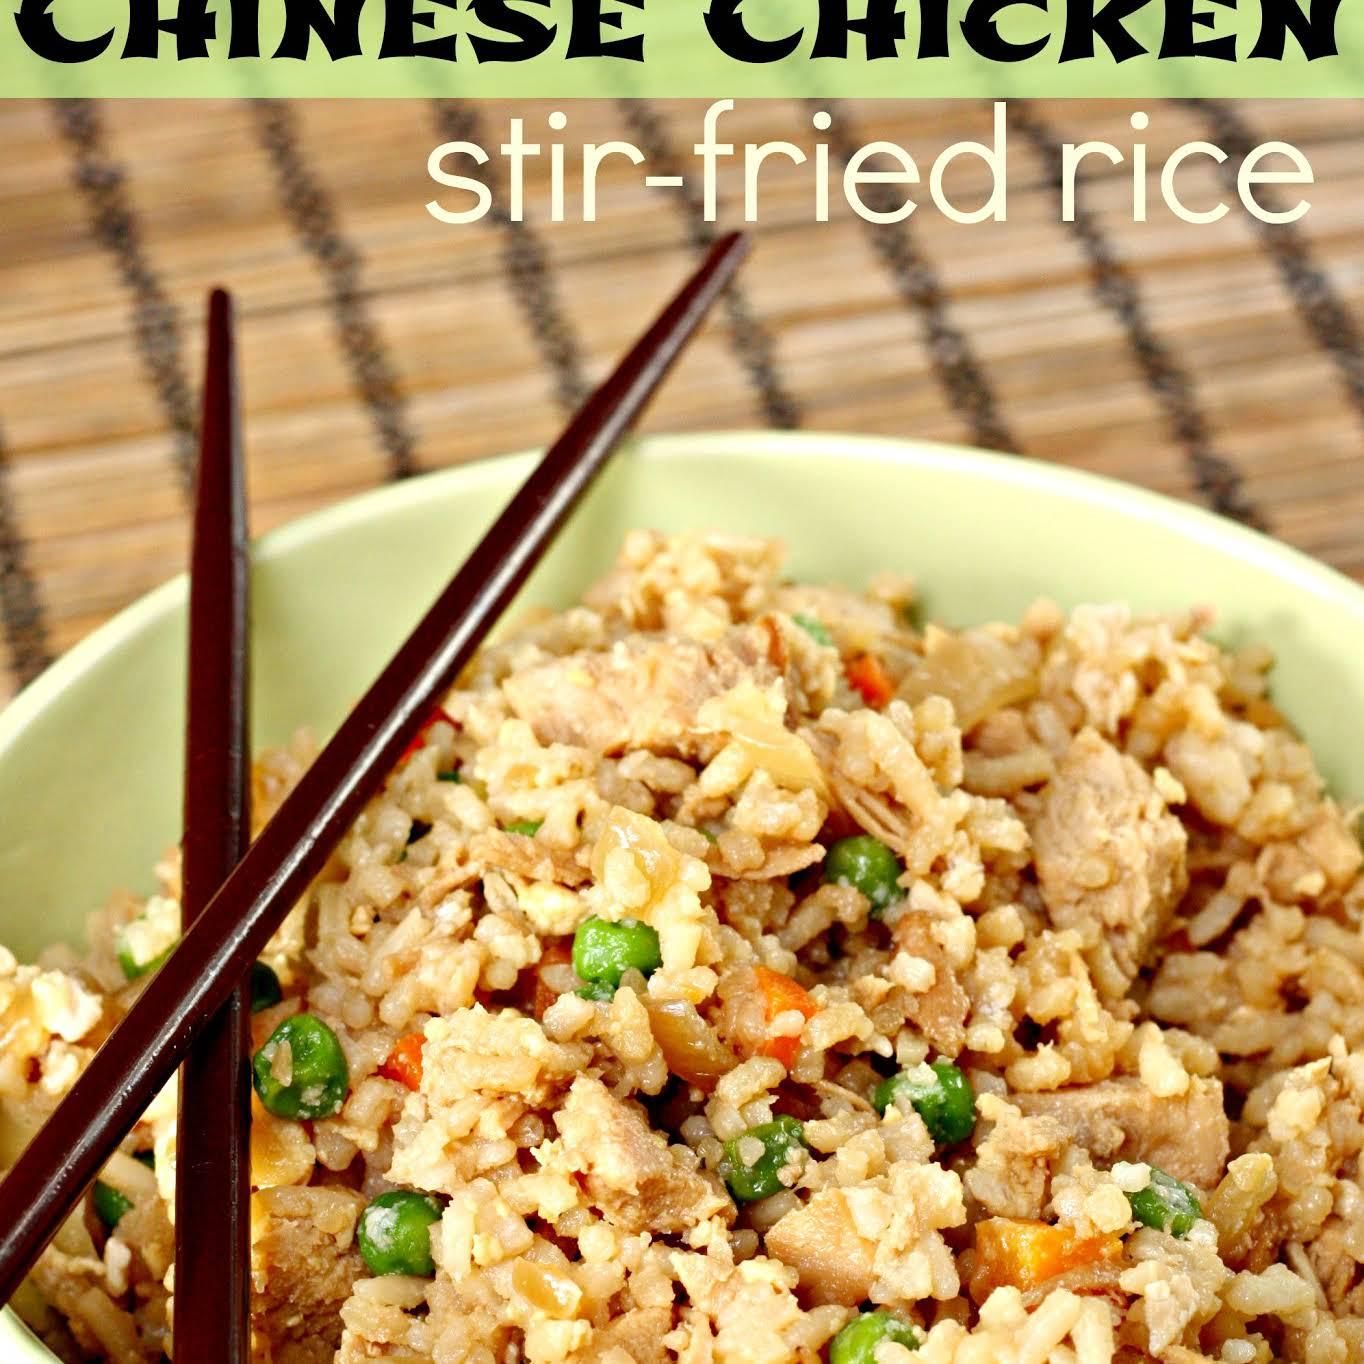 Chinese Chicken Stir-Fried Rice